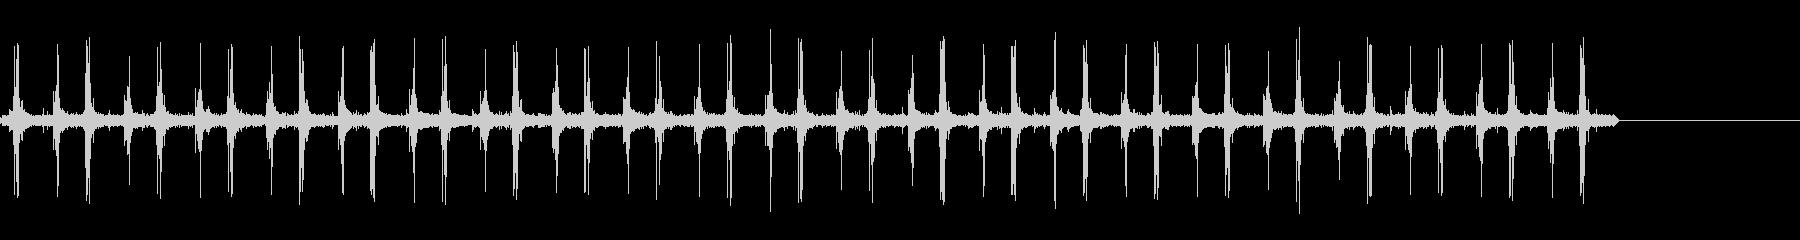 カッティングパスキー-背が高いの未再生の波形